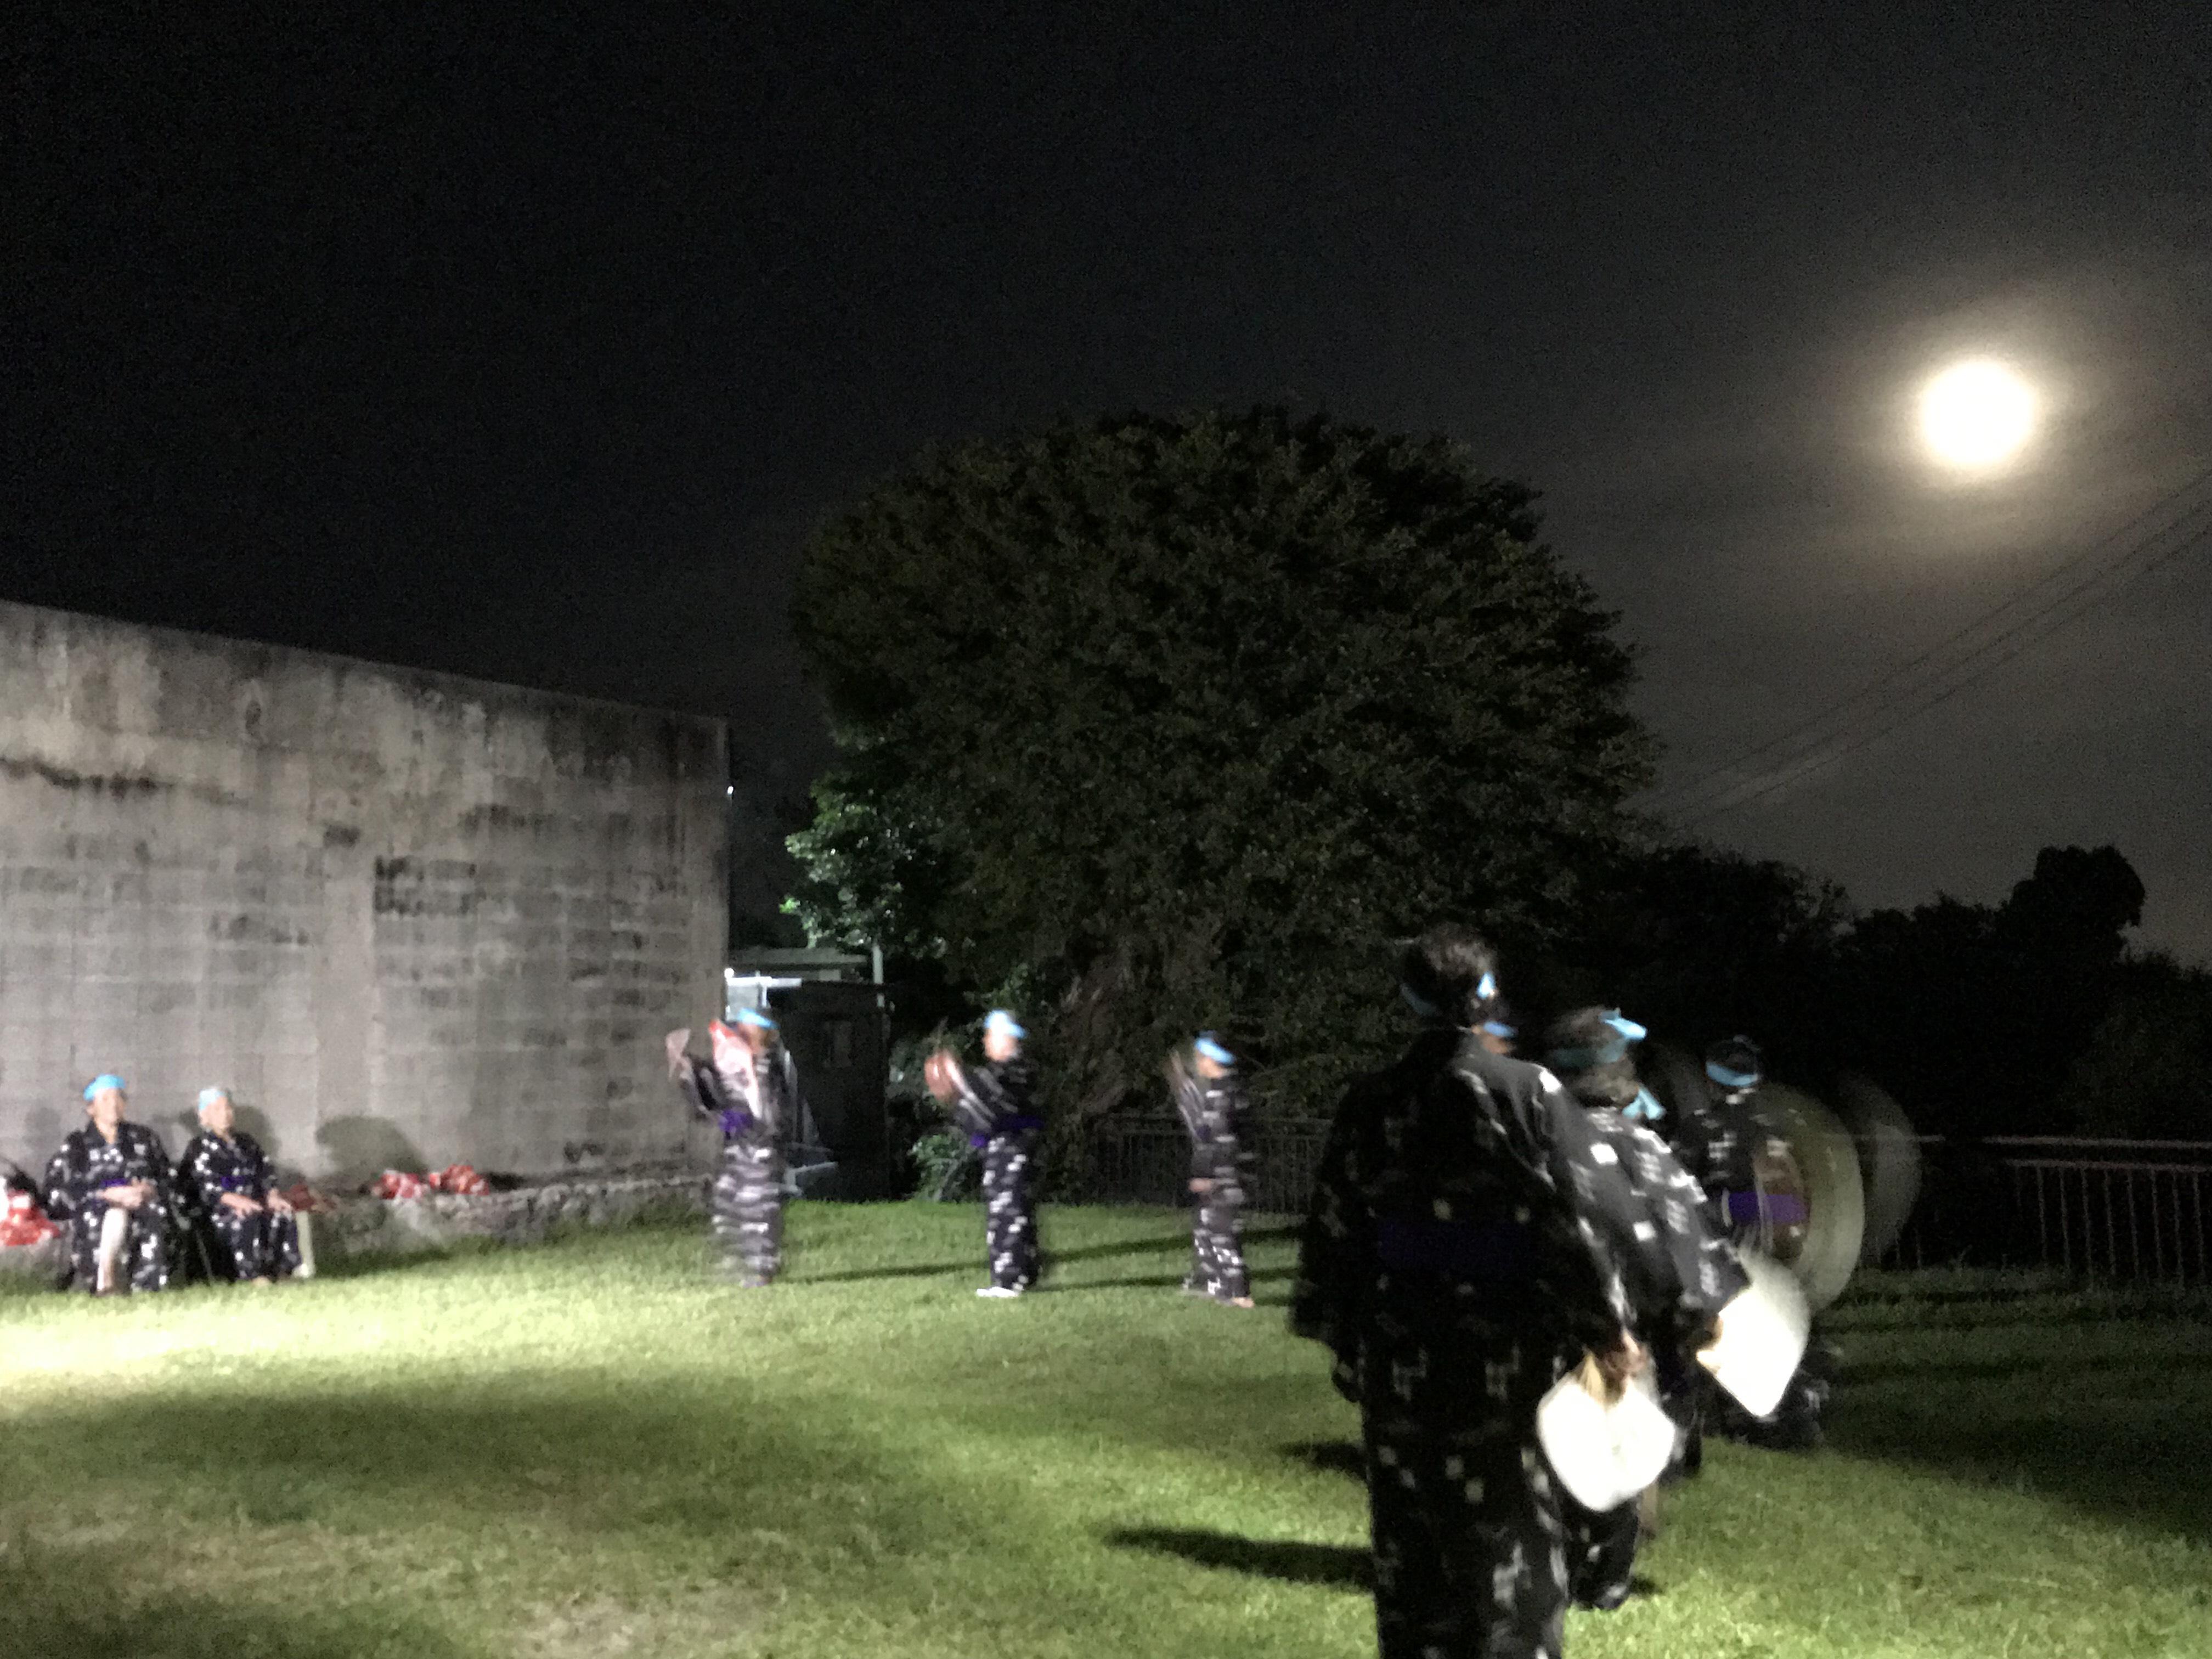 宮城ウスデーク 舞踏とと満月が美しい